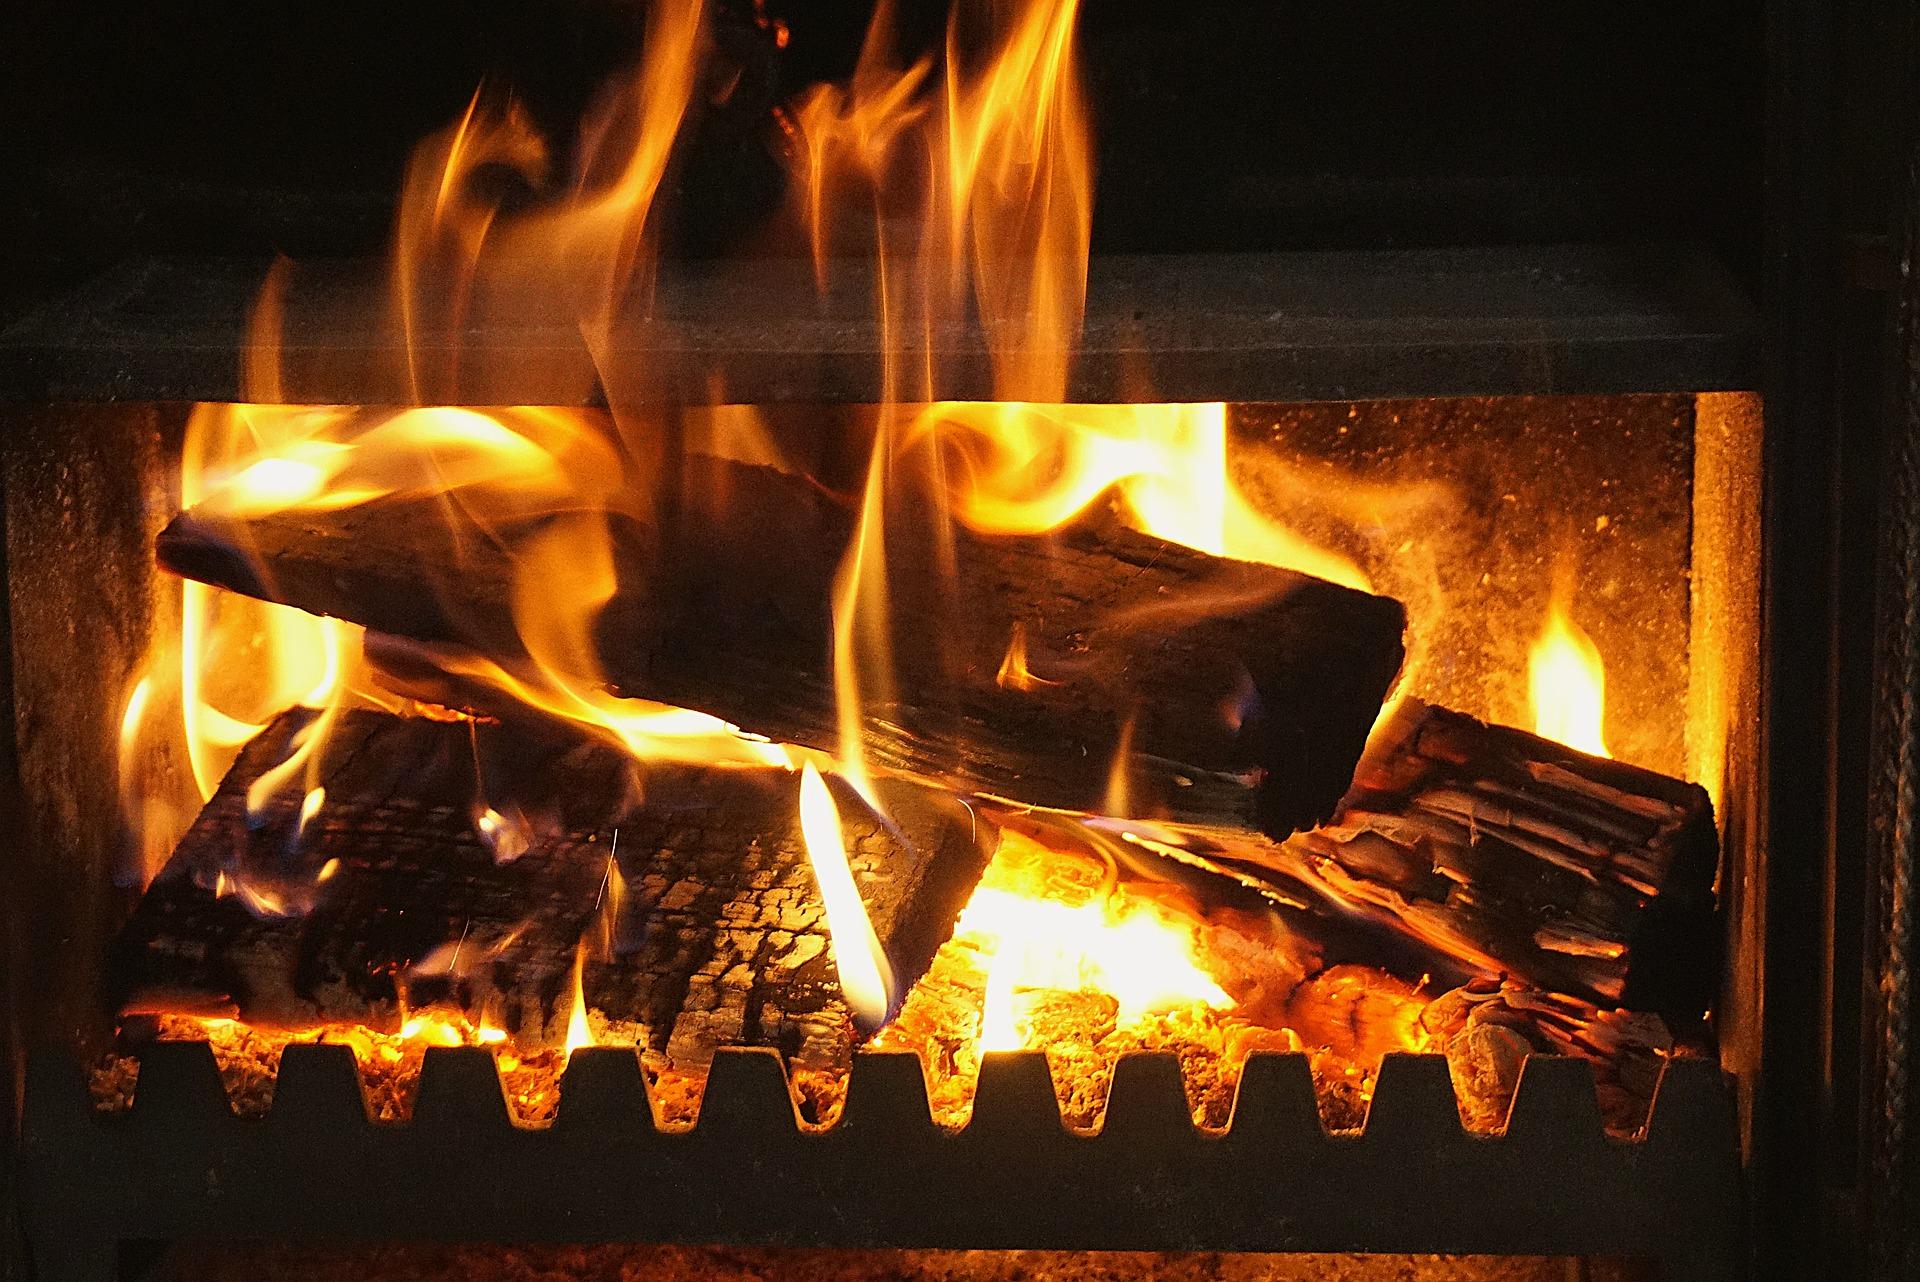 Incalzire cu lemne - sursa: Pixabay